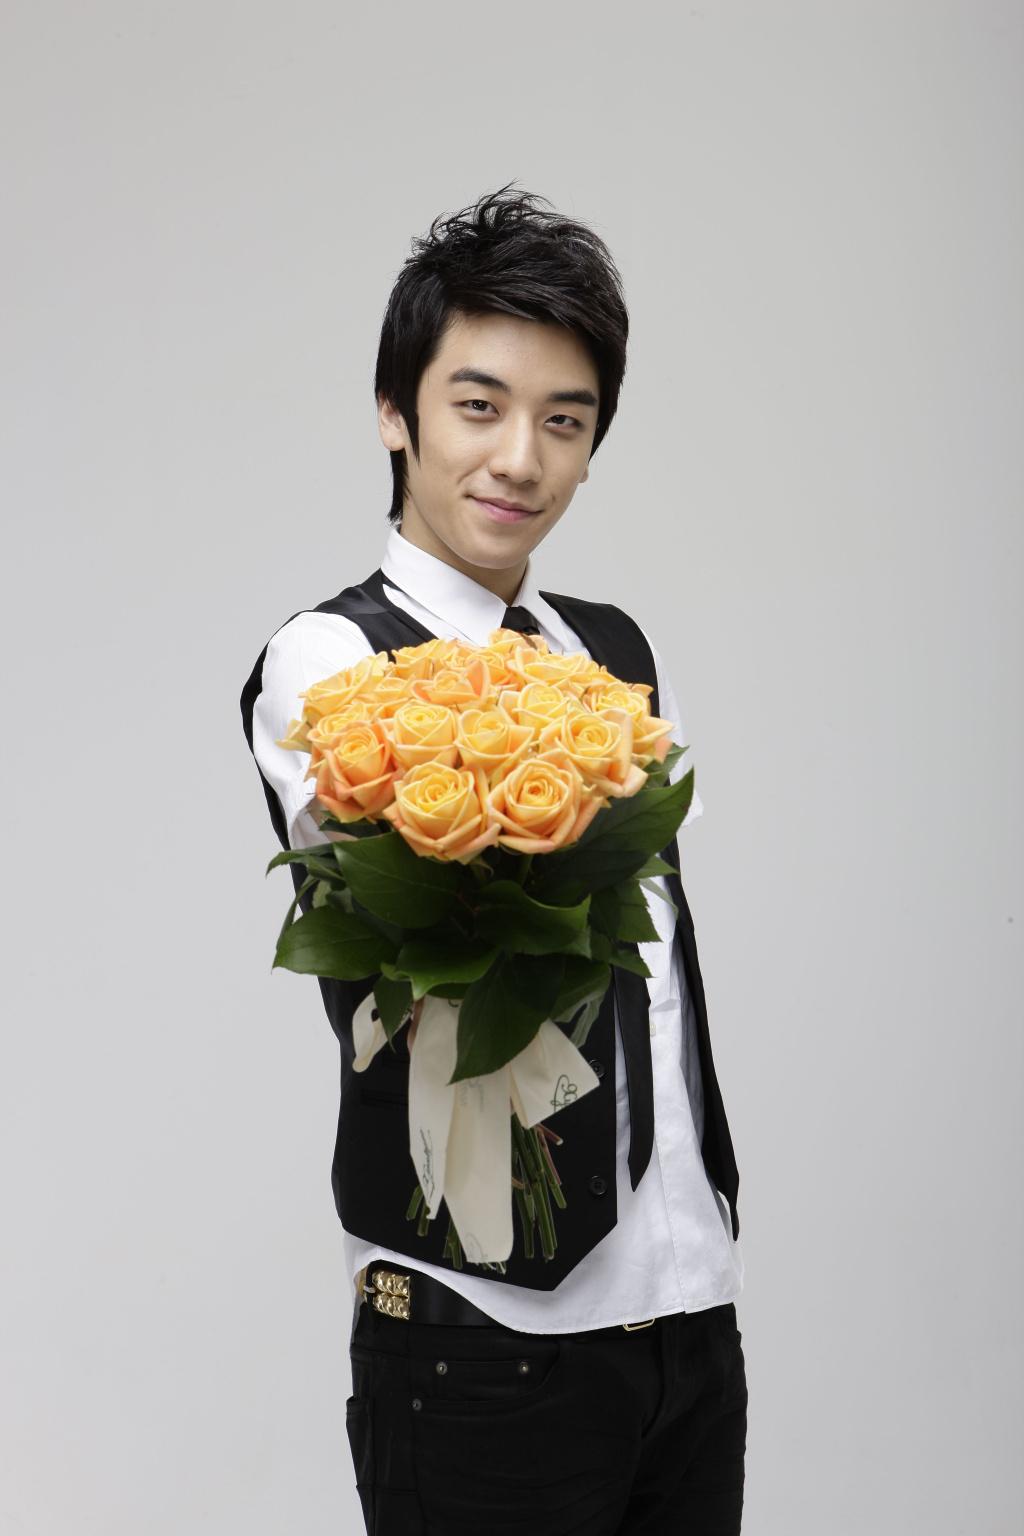 http://images2.fanpop.com/image/photos/9800000/Bigbang-seung-ri-big-bang-9806248-1024-1536.jpg